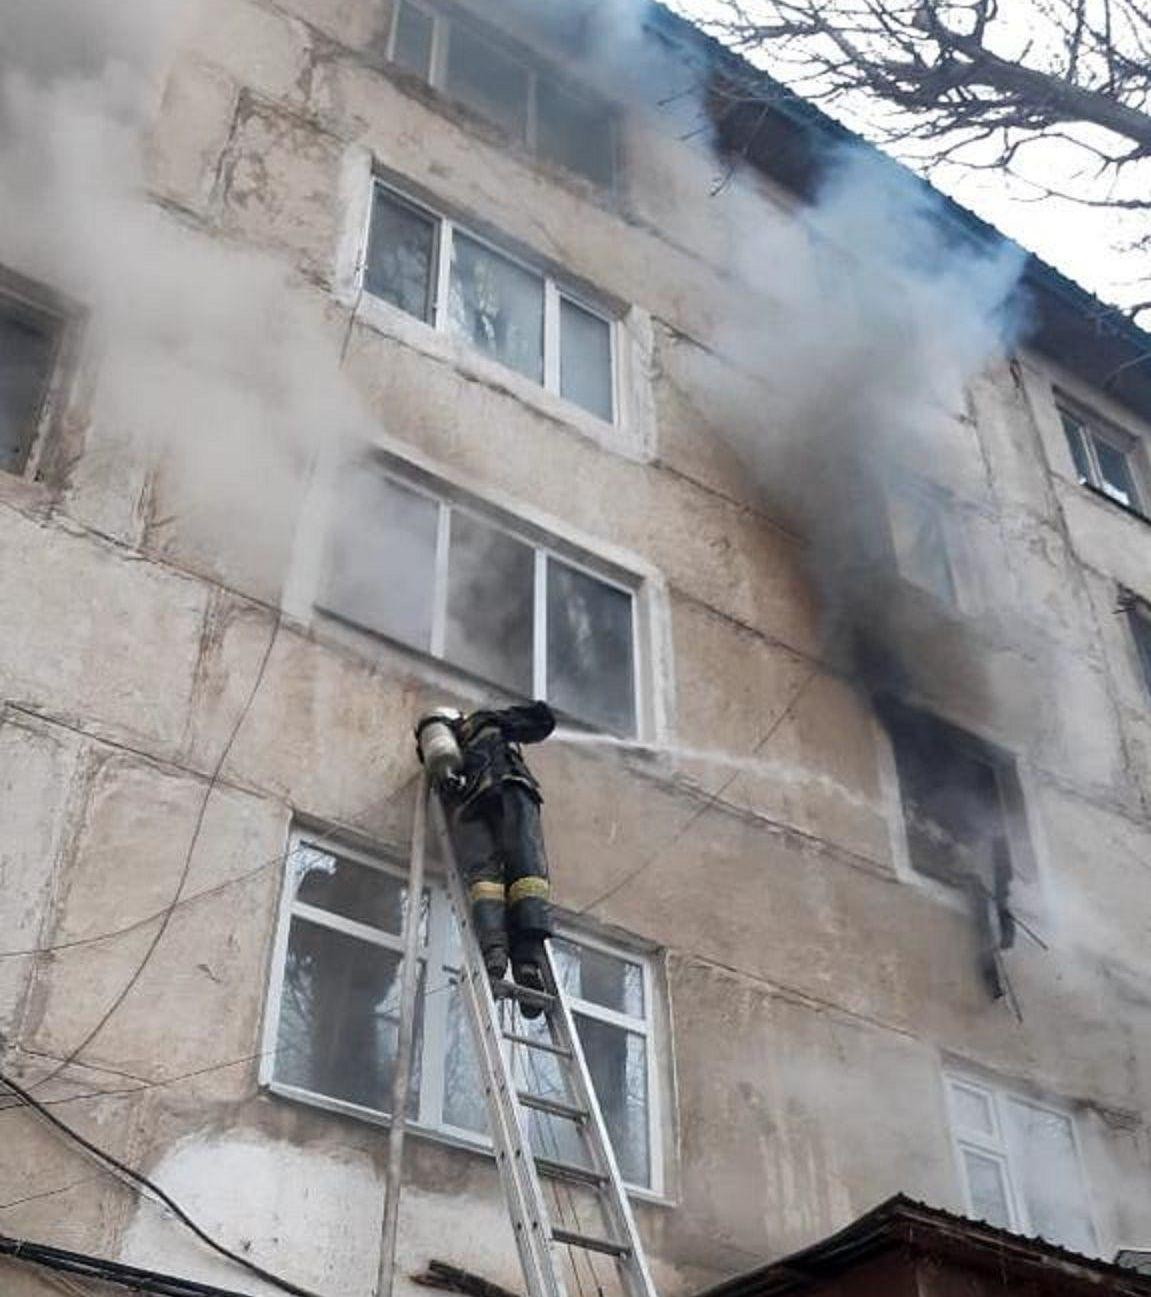 Пятеро детей из одной семьи скончались в результате пожара